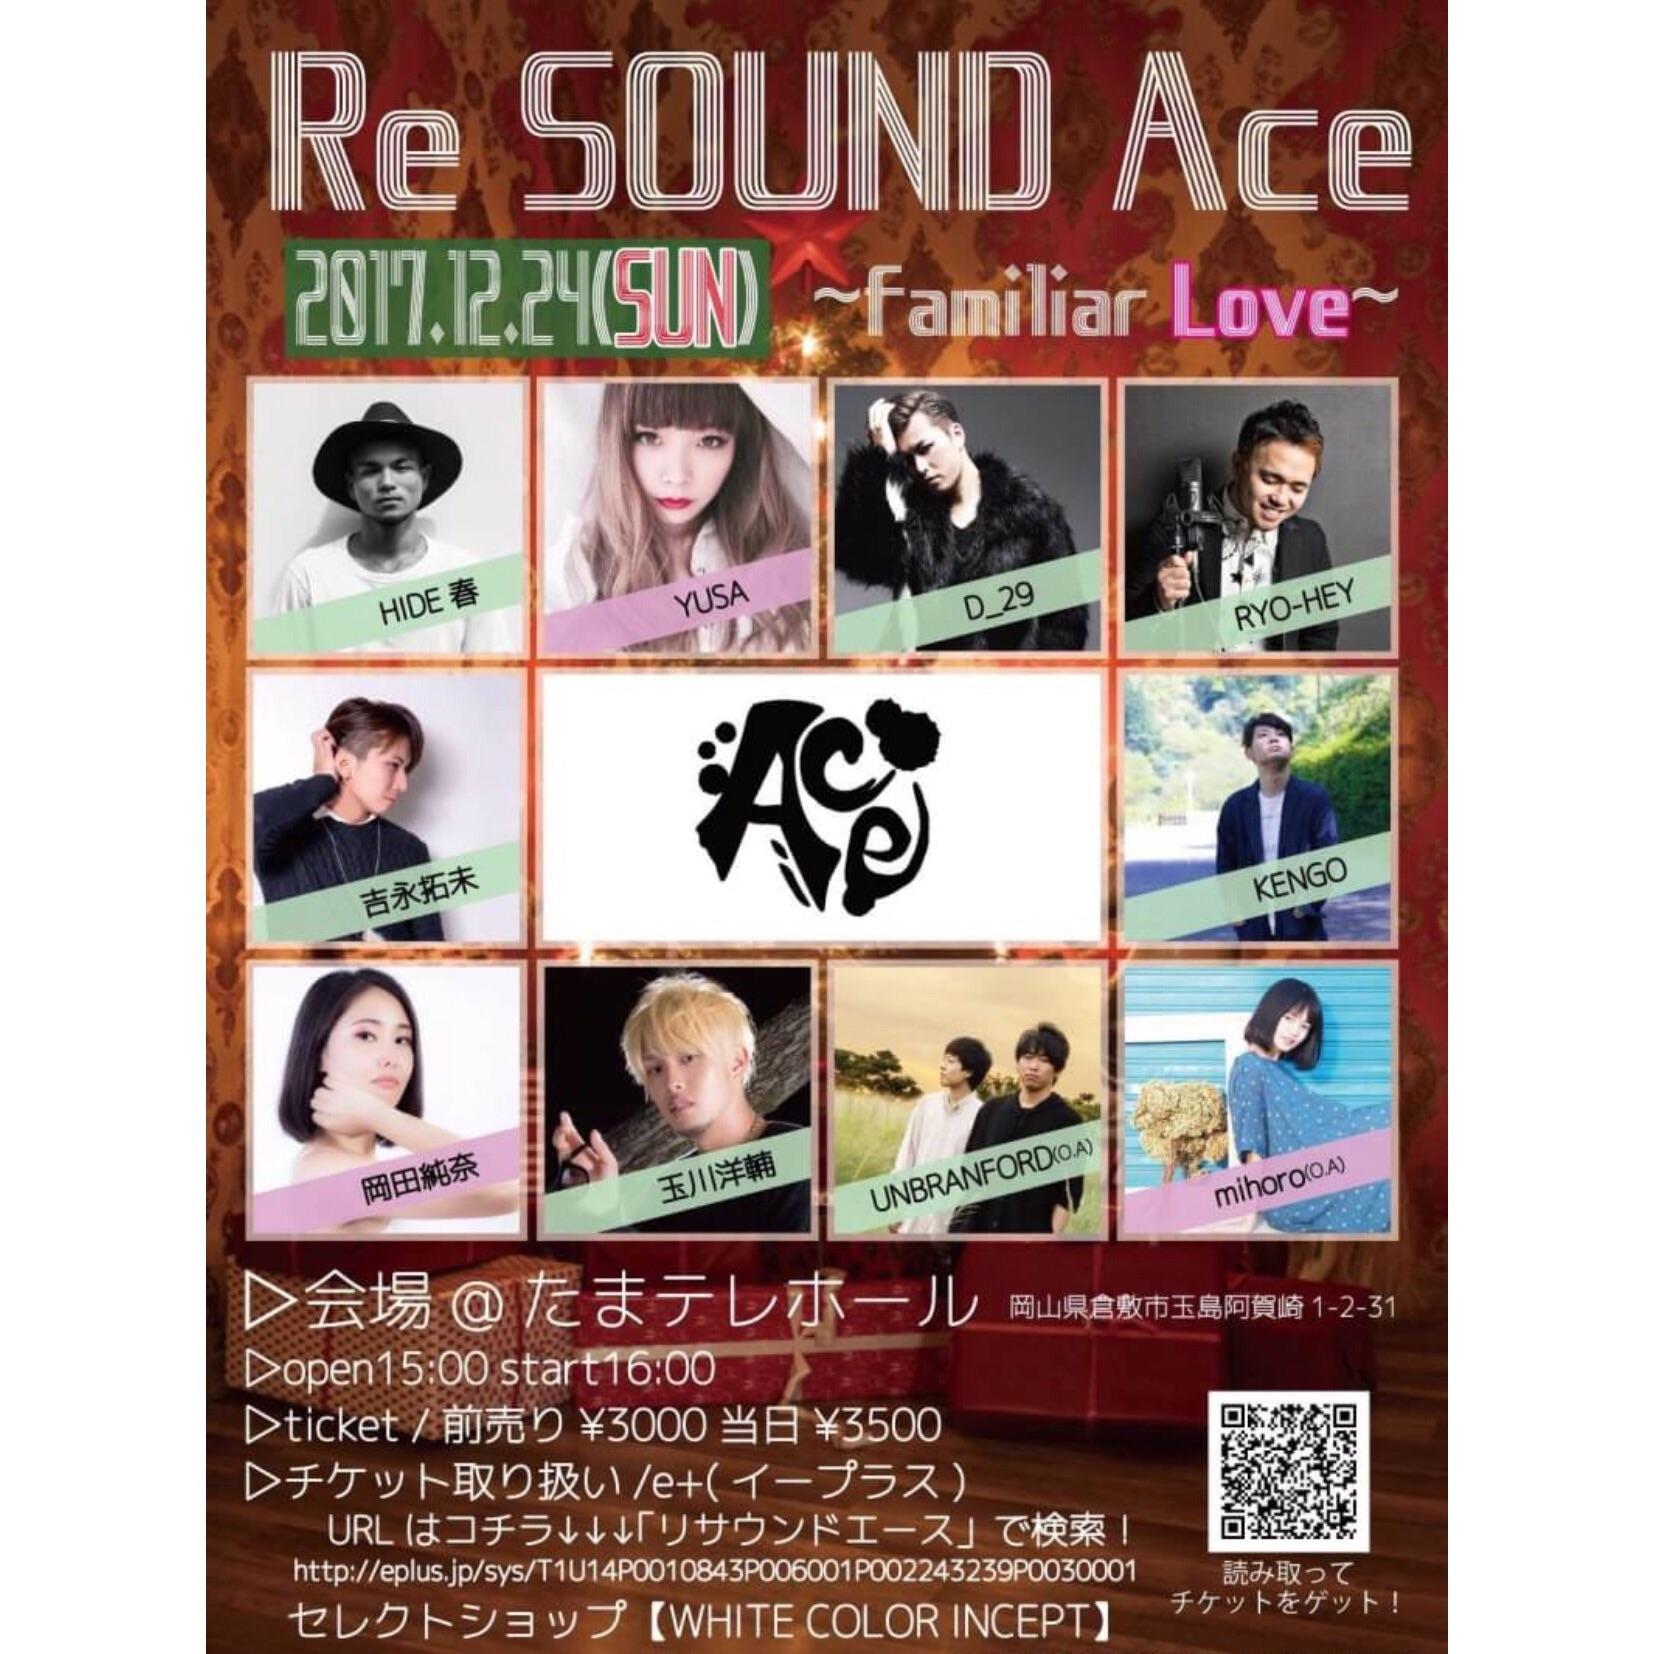 f:id:Yosuke0912:20171216210304j:image